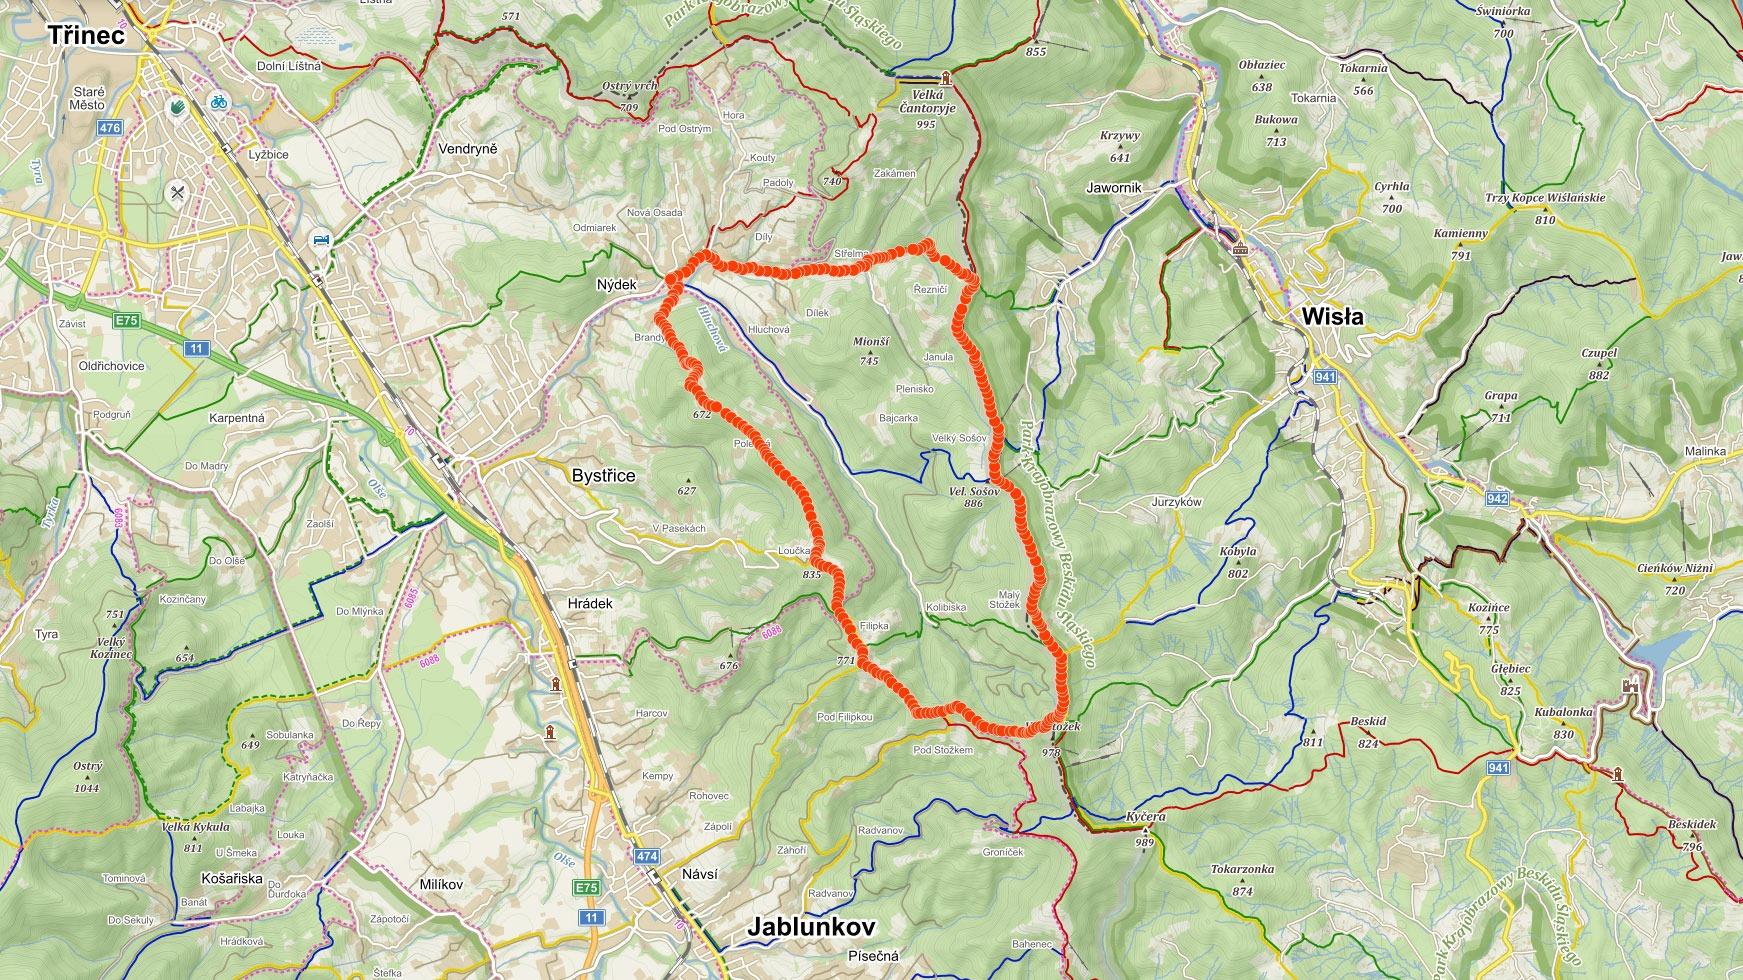 Mapa výletu přes Loučku, Filipku, Stožek a Velký Sošov v Beskydech